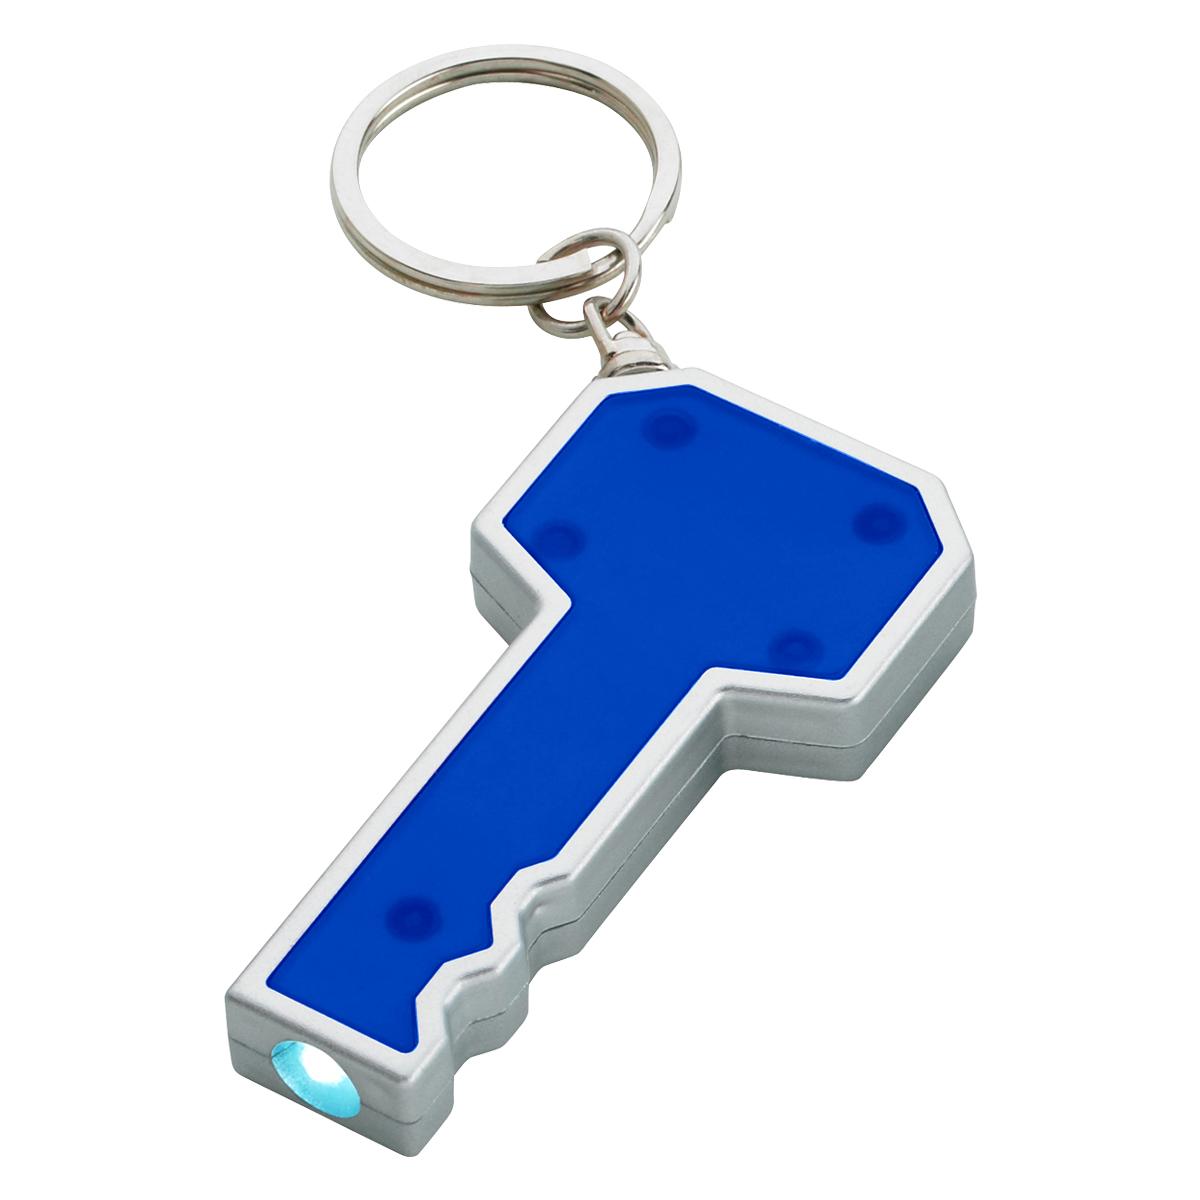 133 - Llavero en forma de llave con LED